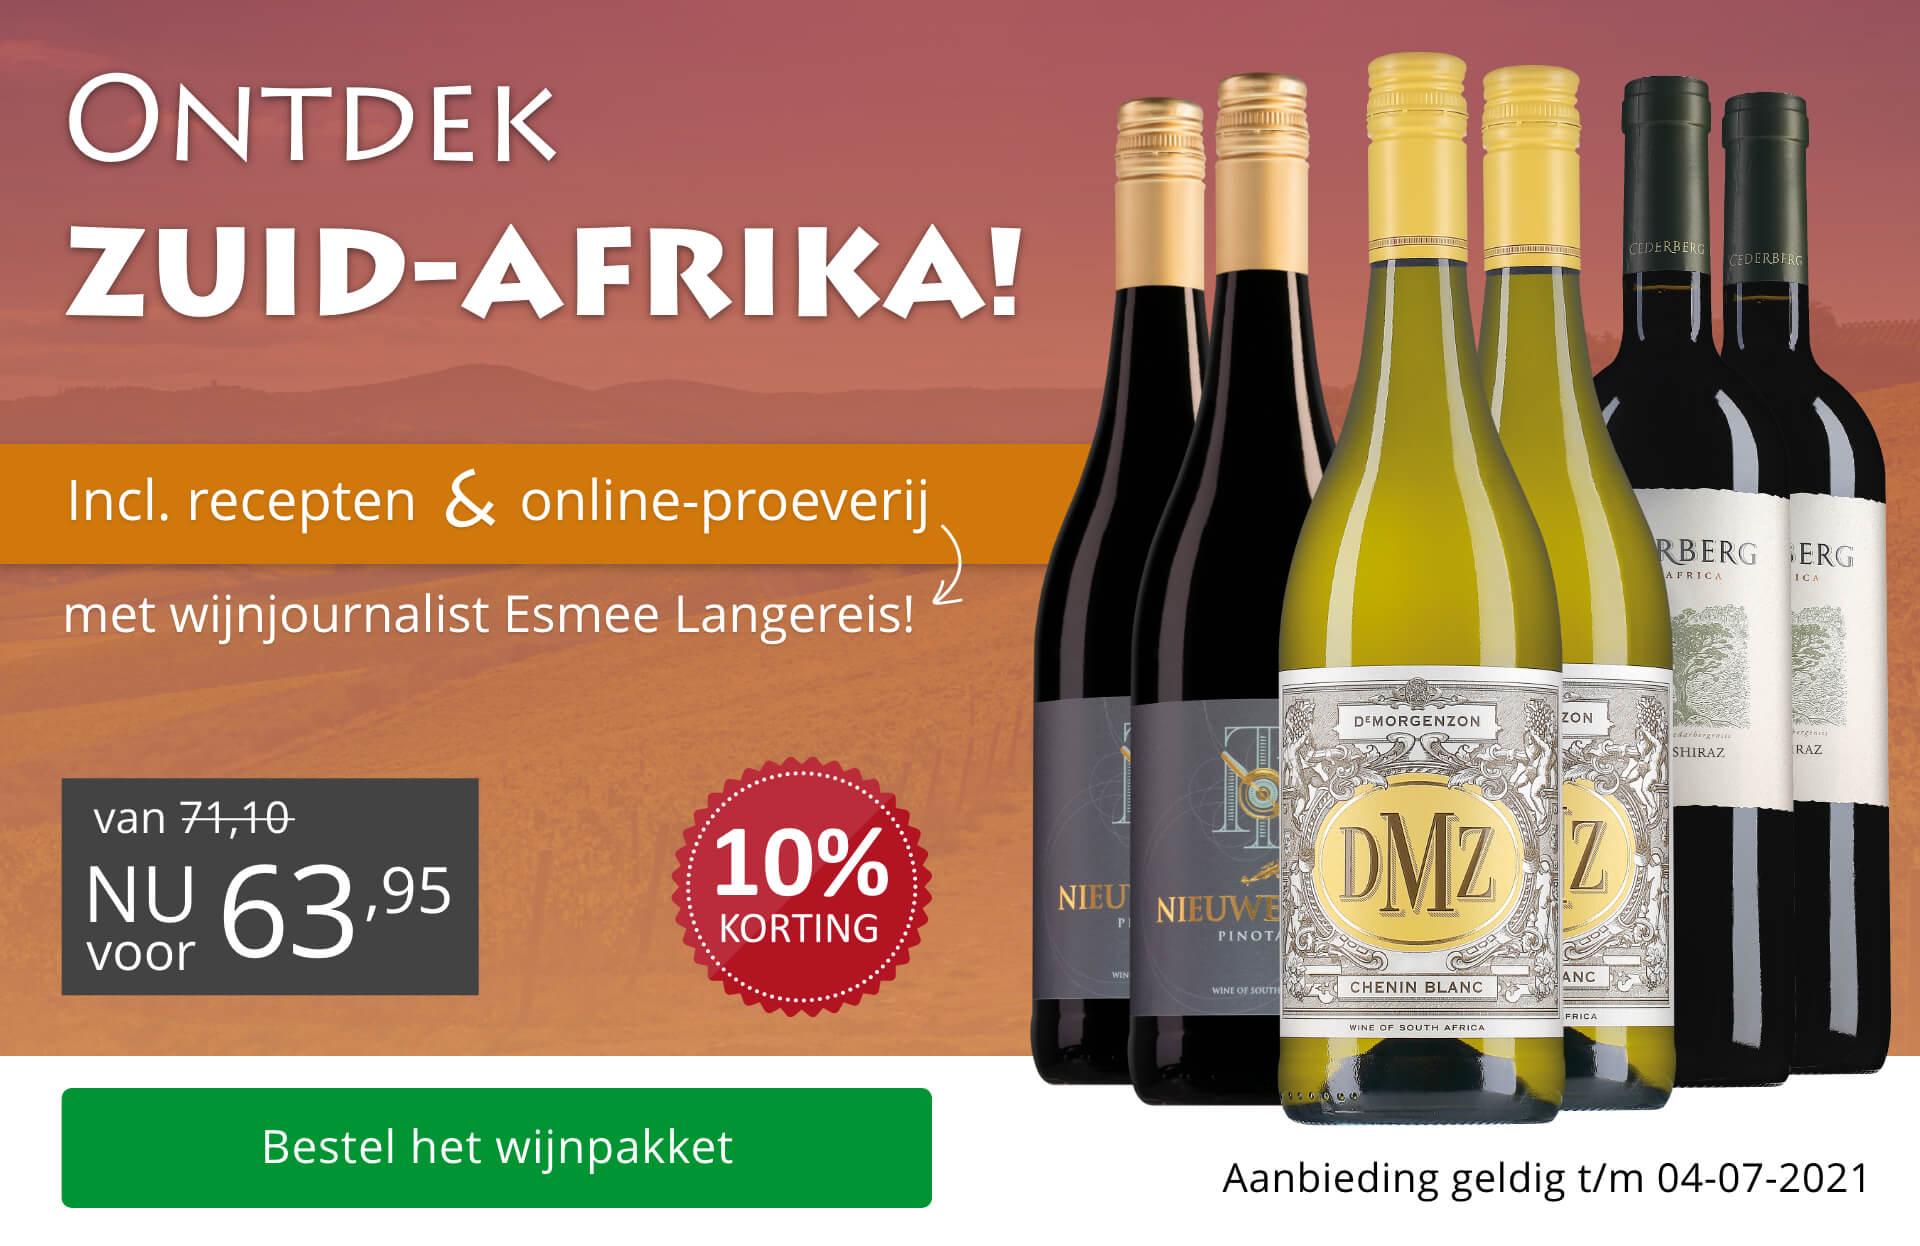 Ontdek wijnpakket Zuid-Afrika